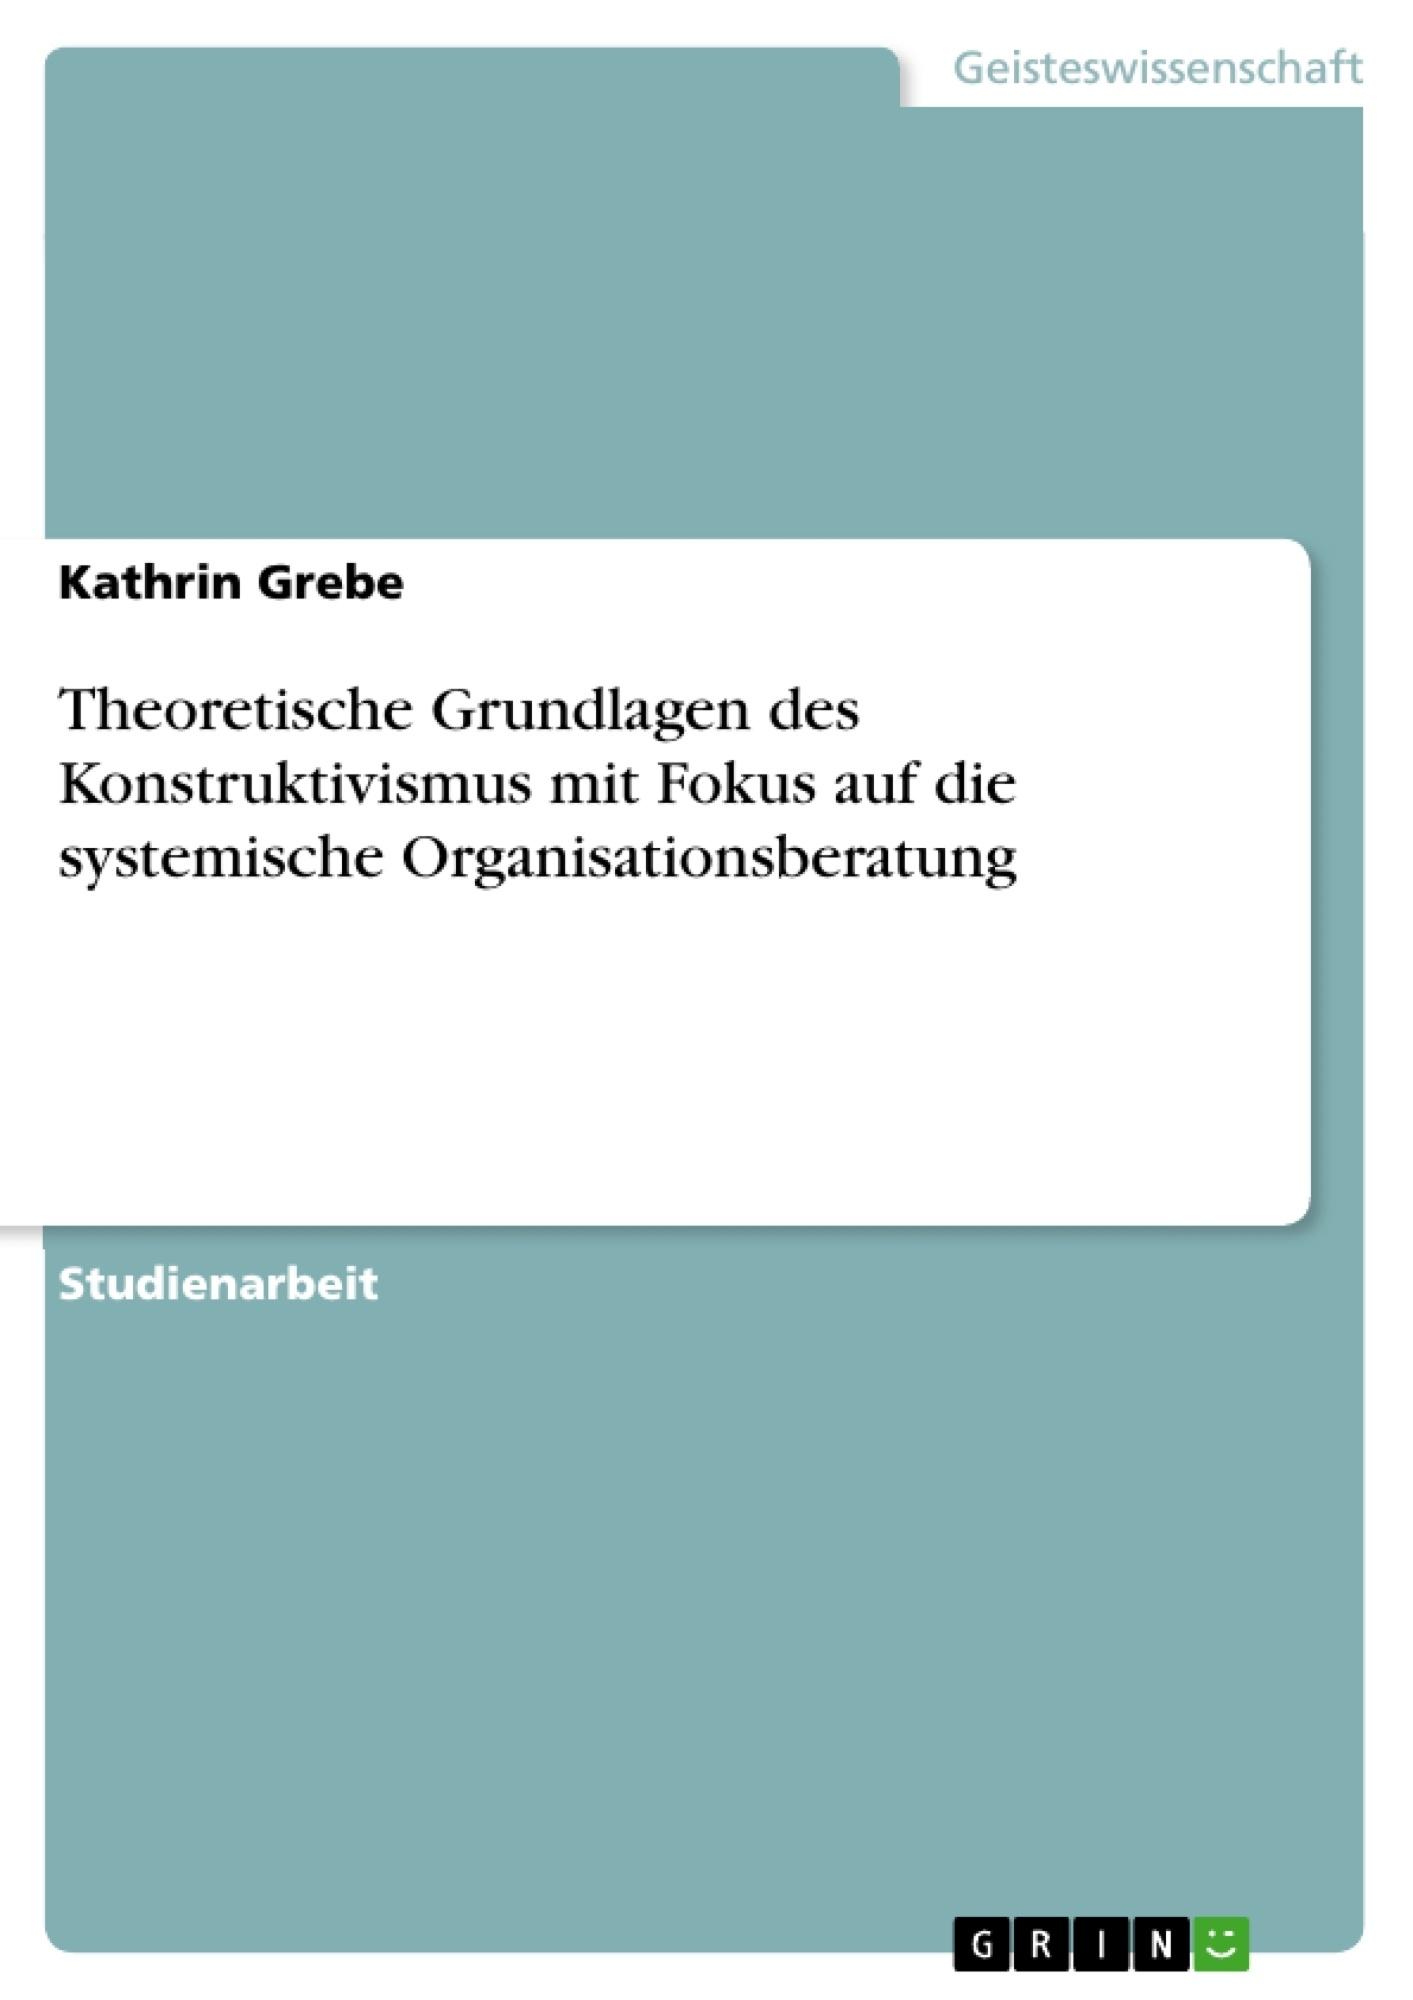 Titel: Theoretische Grundlagen des Konstruktivismus mit Fokus auf die systemische Organisationsberatung